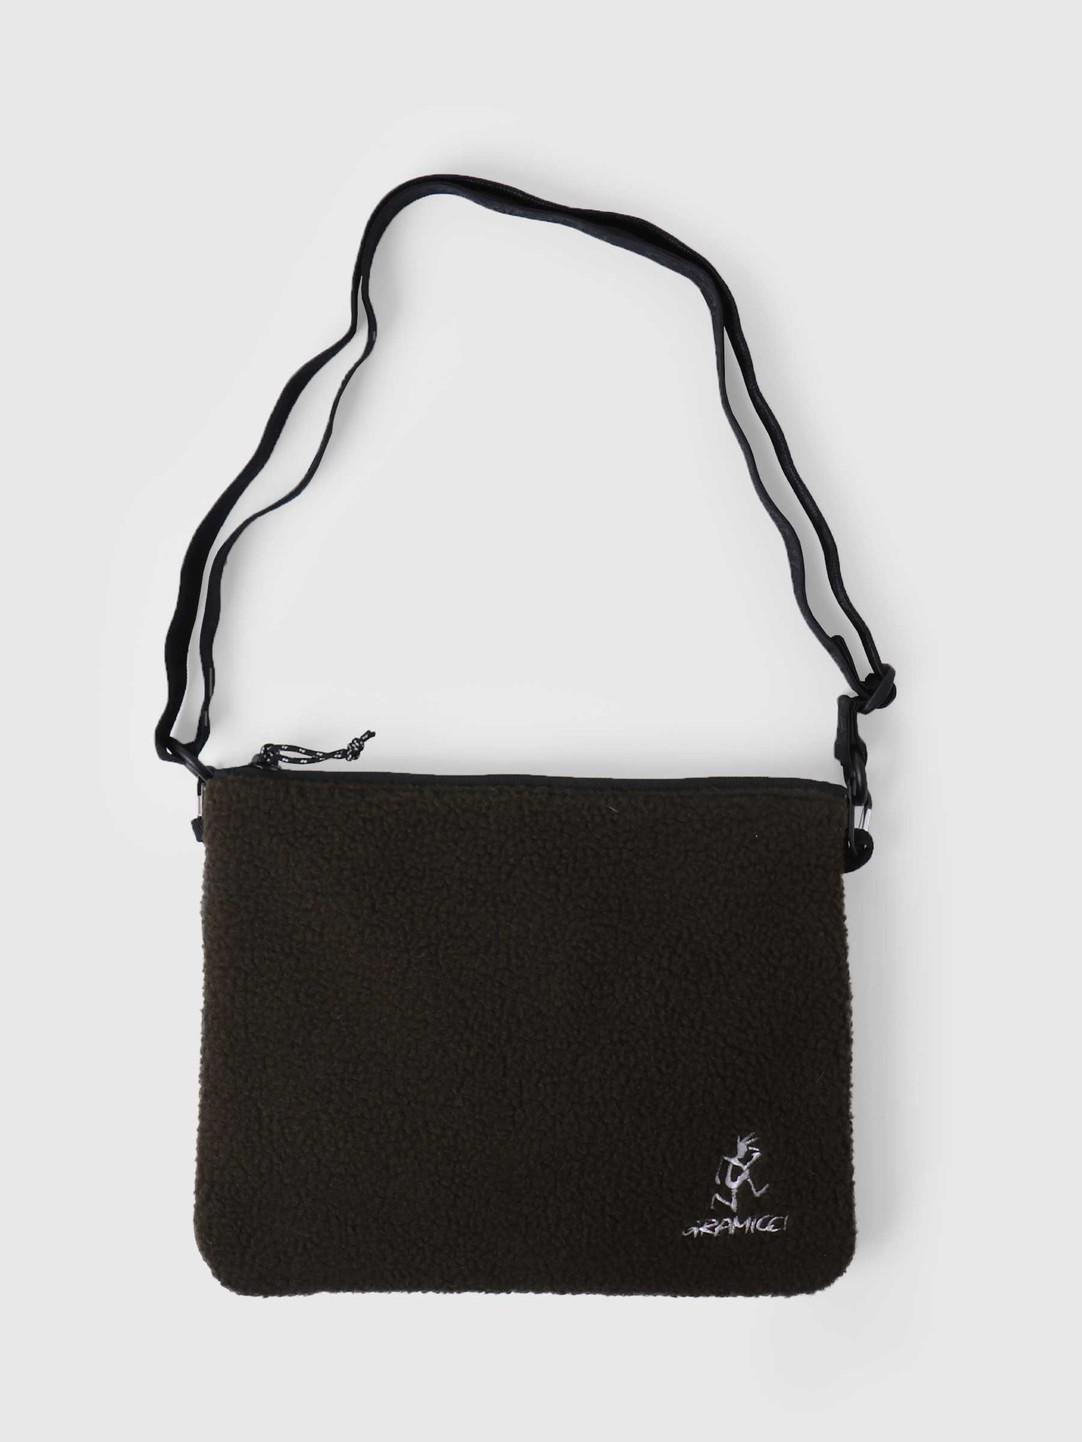 Gramicci Gramicci Boa Fleece Adjustable Sacoche Olive GRB-0091